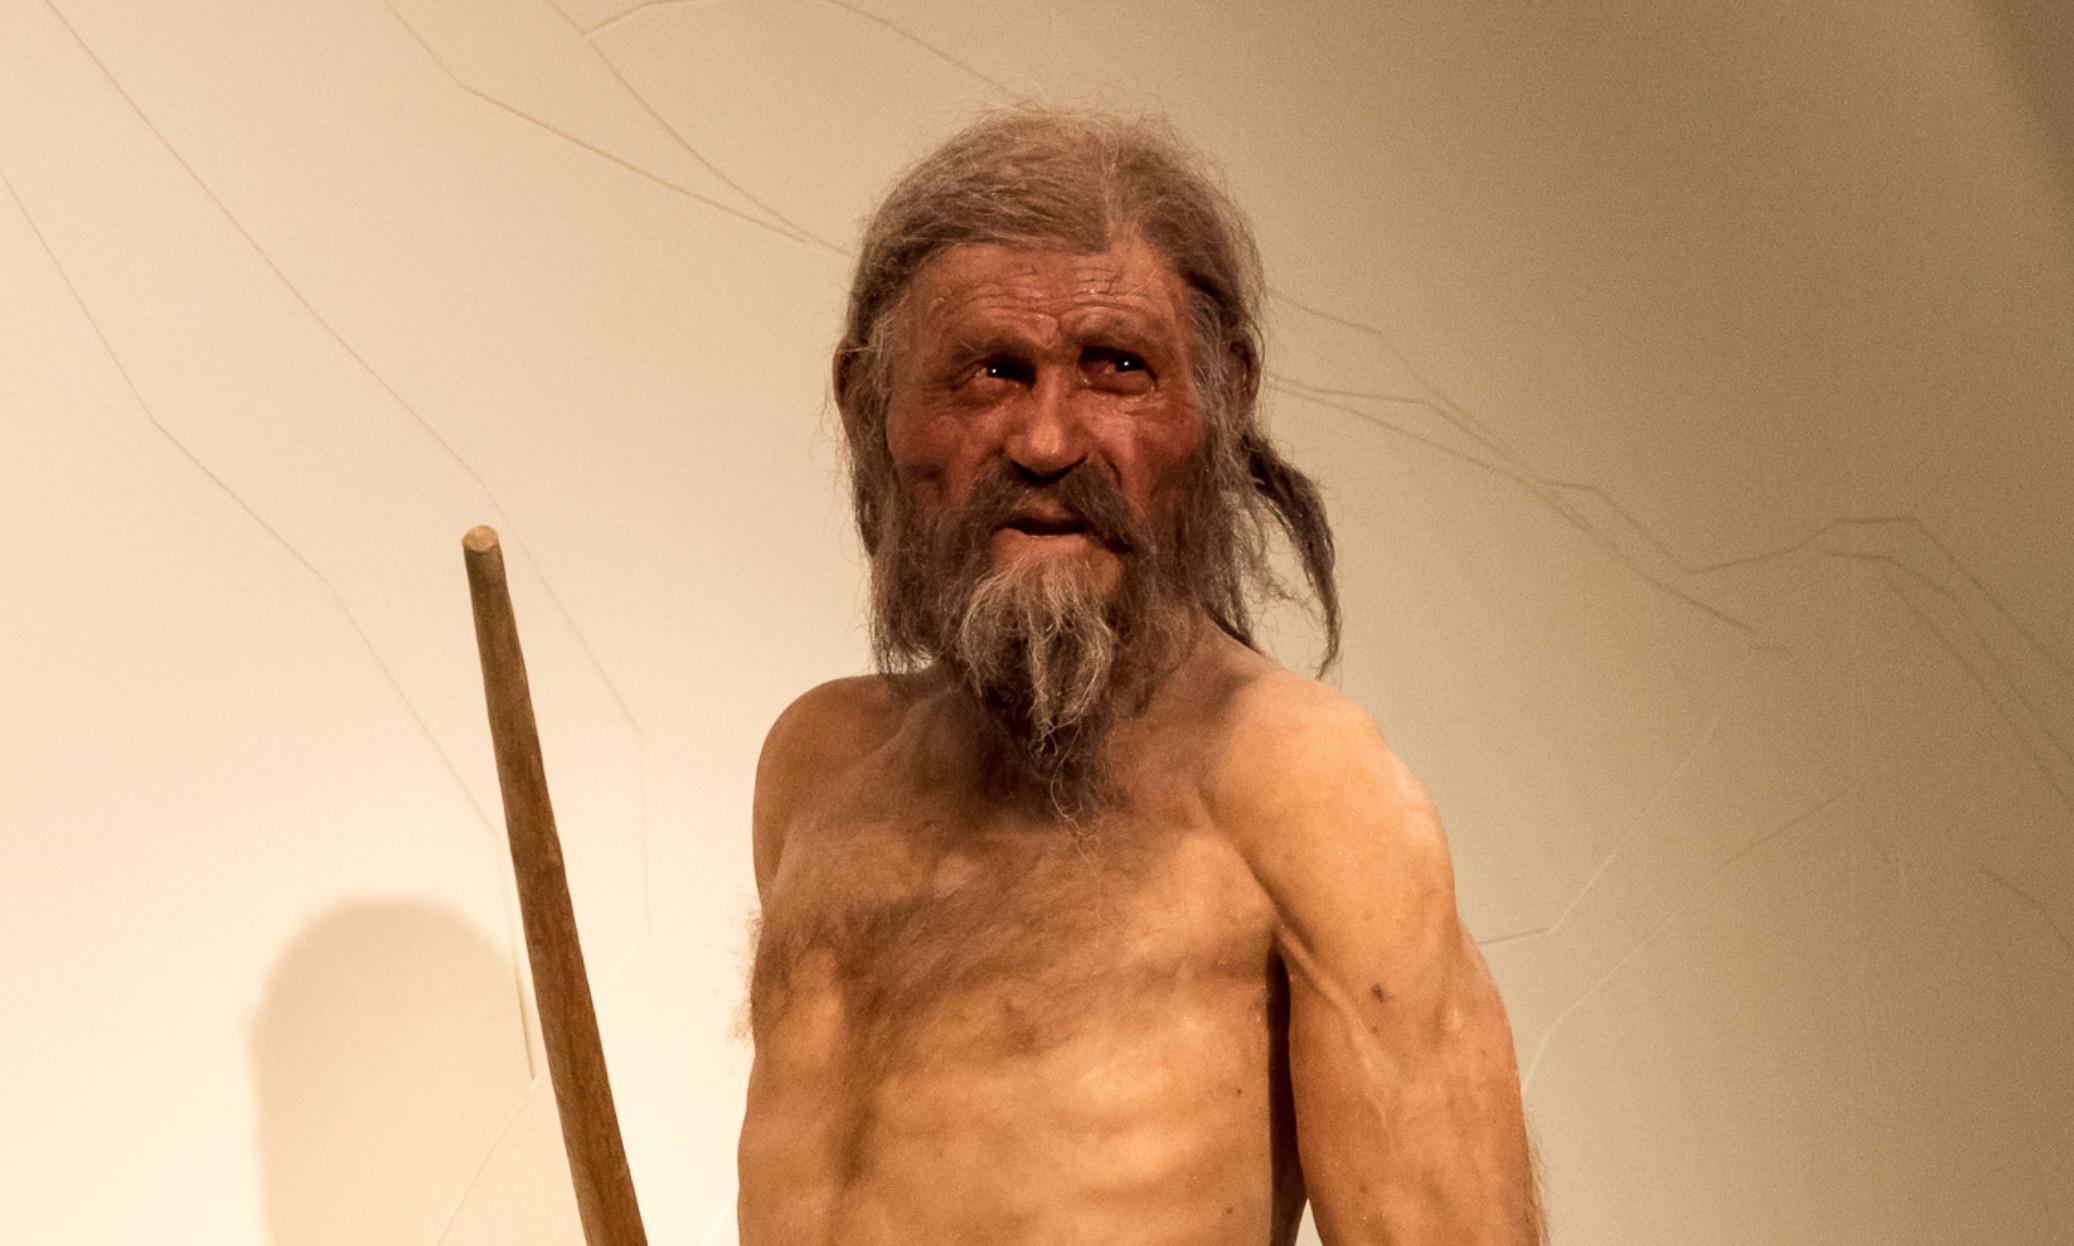 6 zaujímavostí, ktoré si oľadovom mužovi menom Ötzi pravdepodobne nevedel